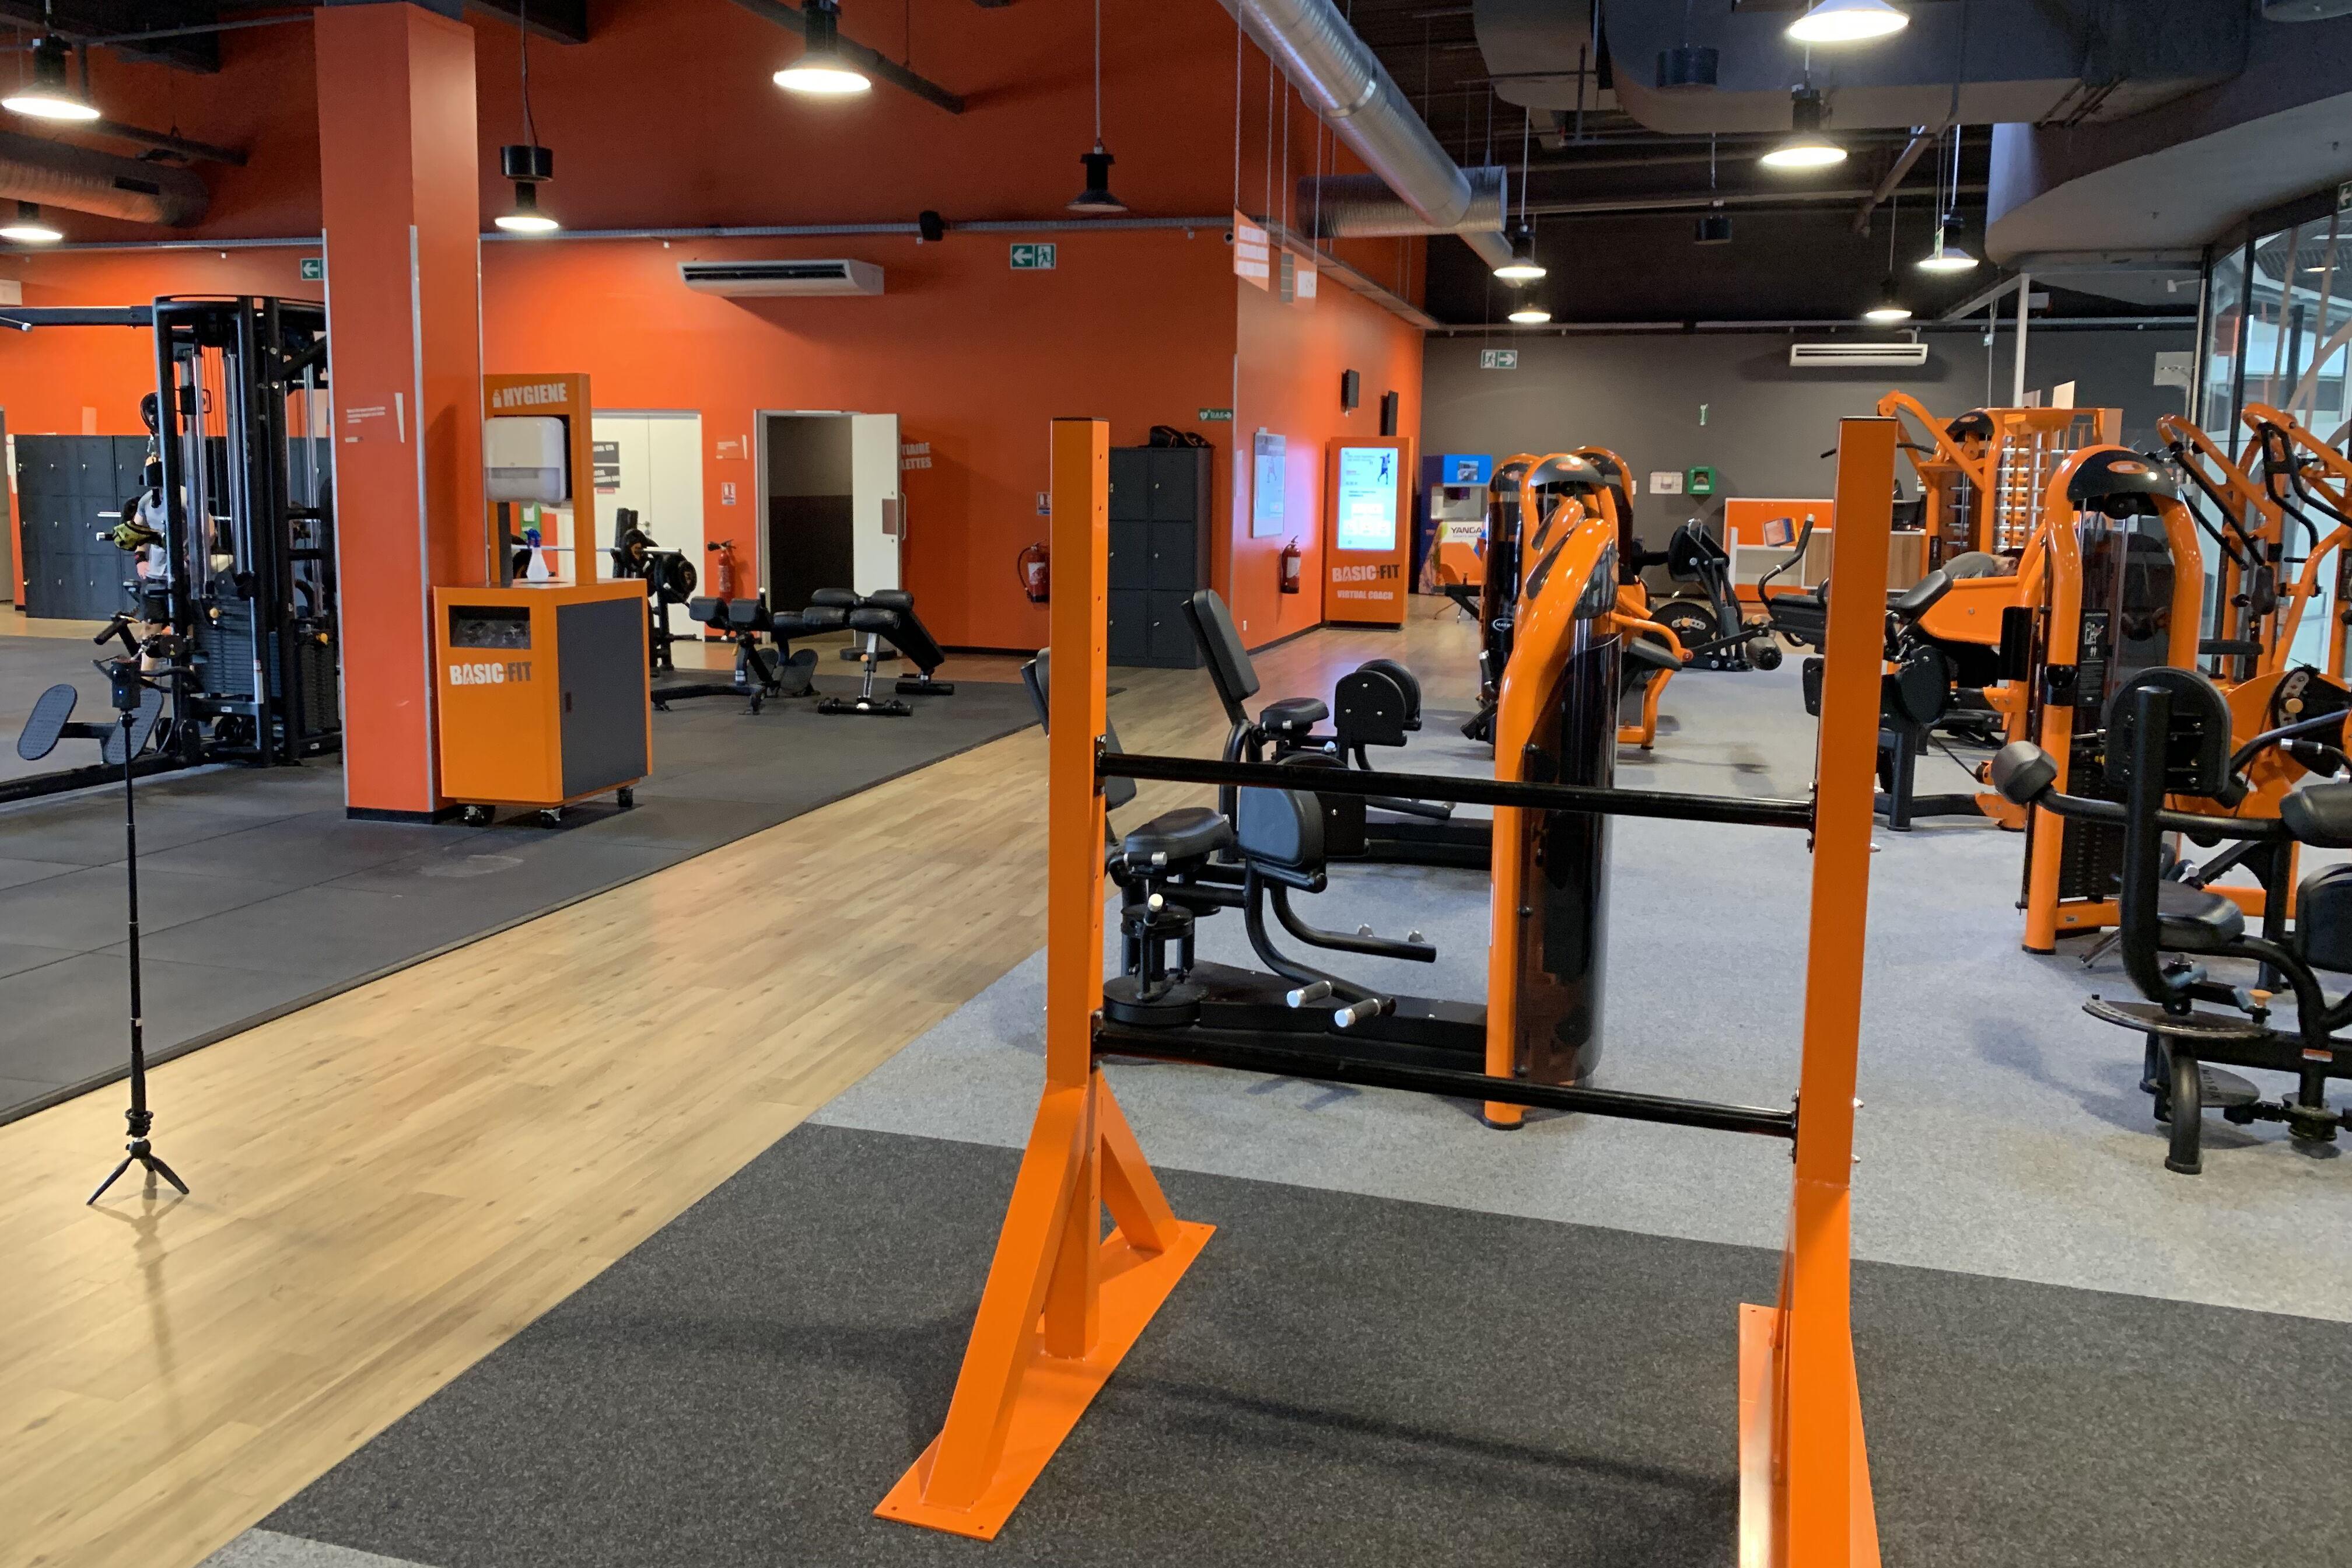 Basic Fit Gym Basic Fit Drancy Cc Avenir Rue Saint Stenay